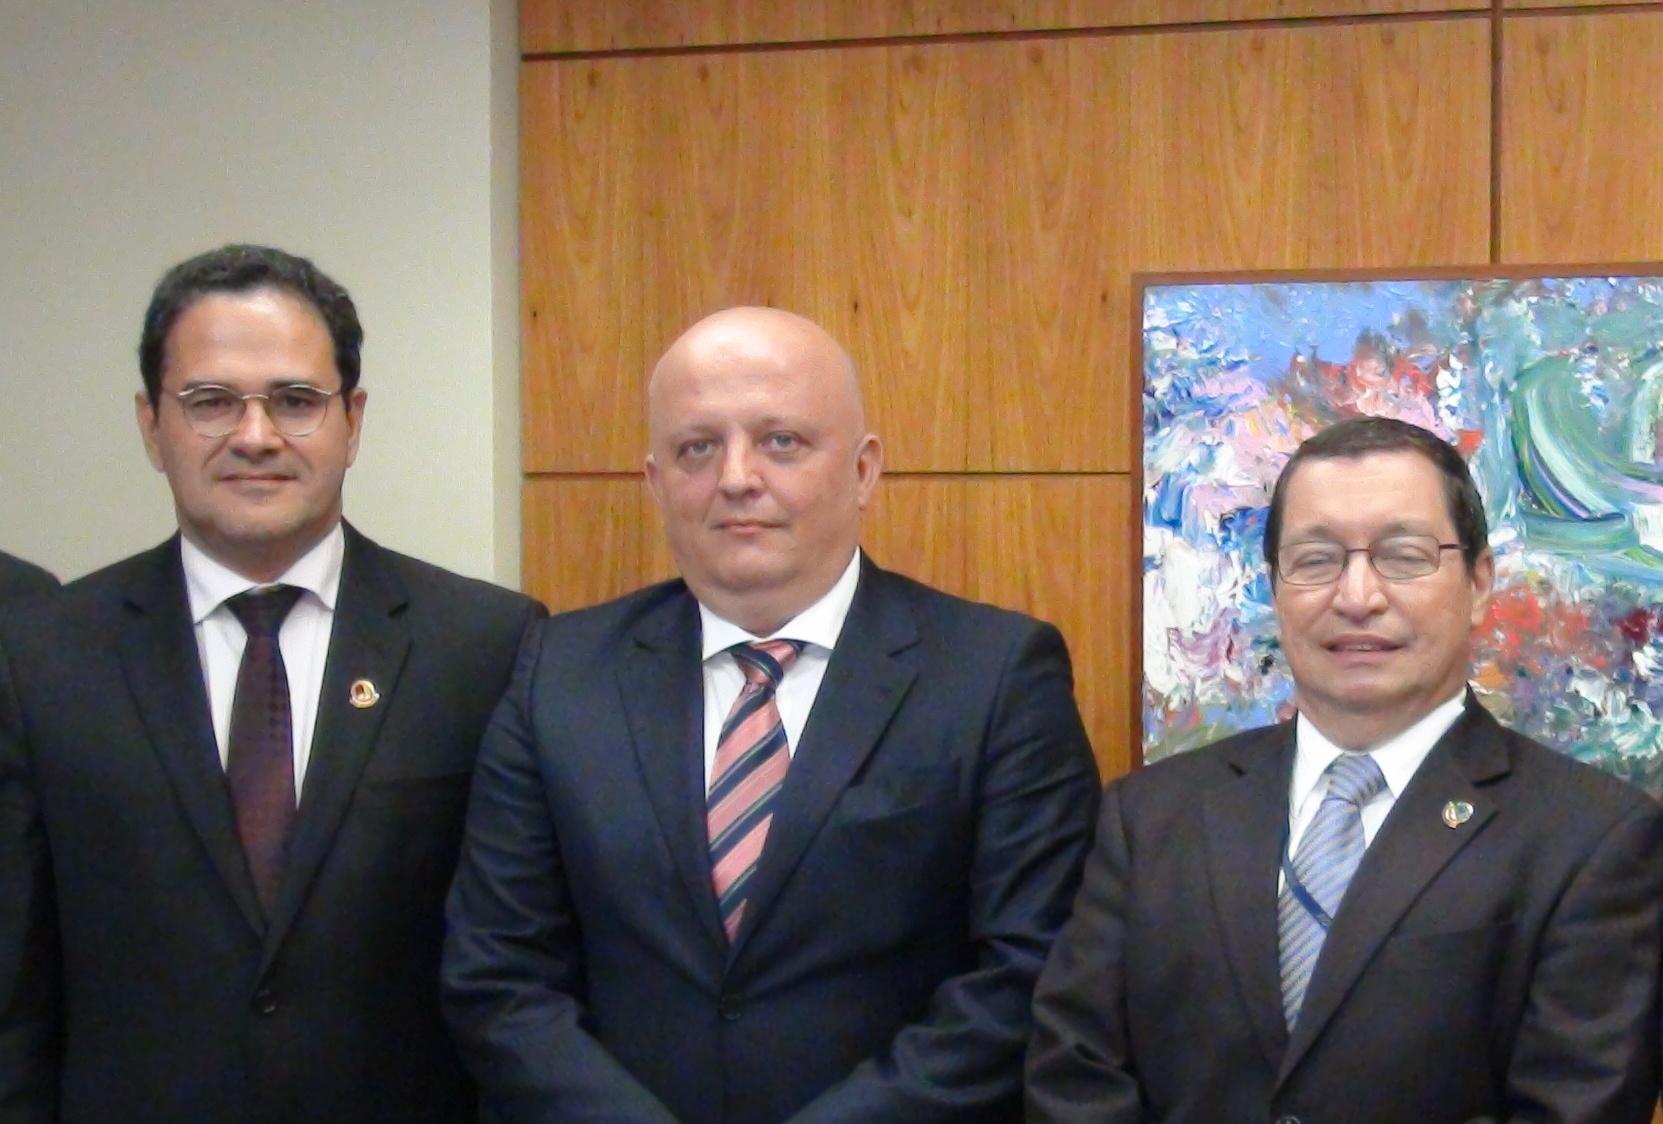 CAPACITAÇÃO - Assembleia de Goiás busca apoio do Interlegis para vereadores e servidores